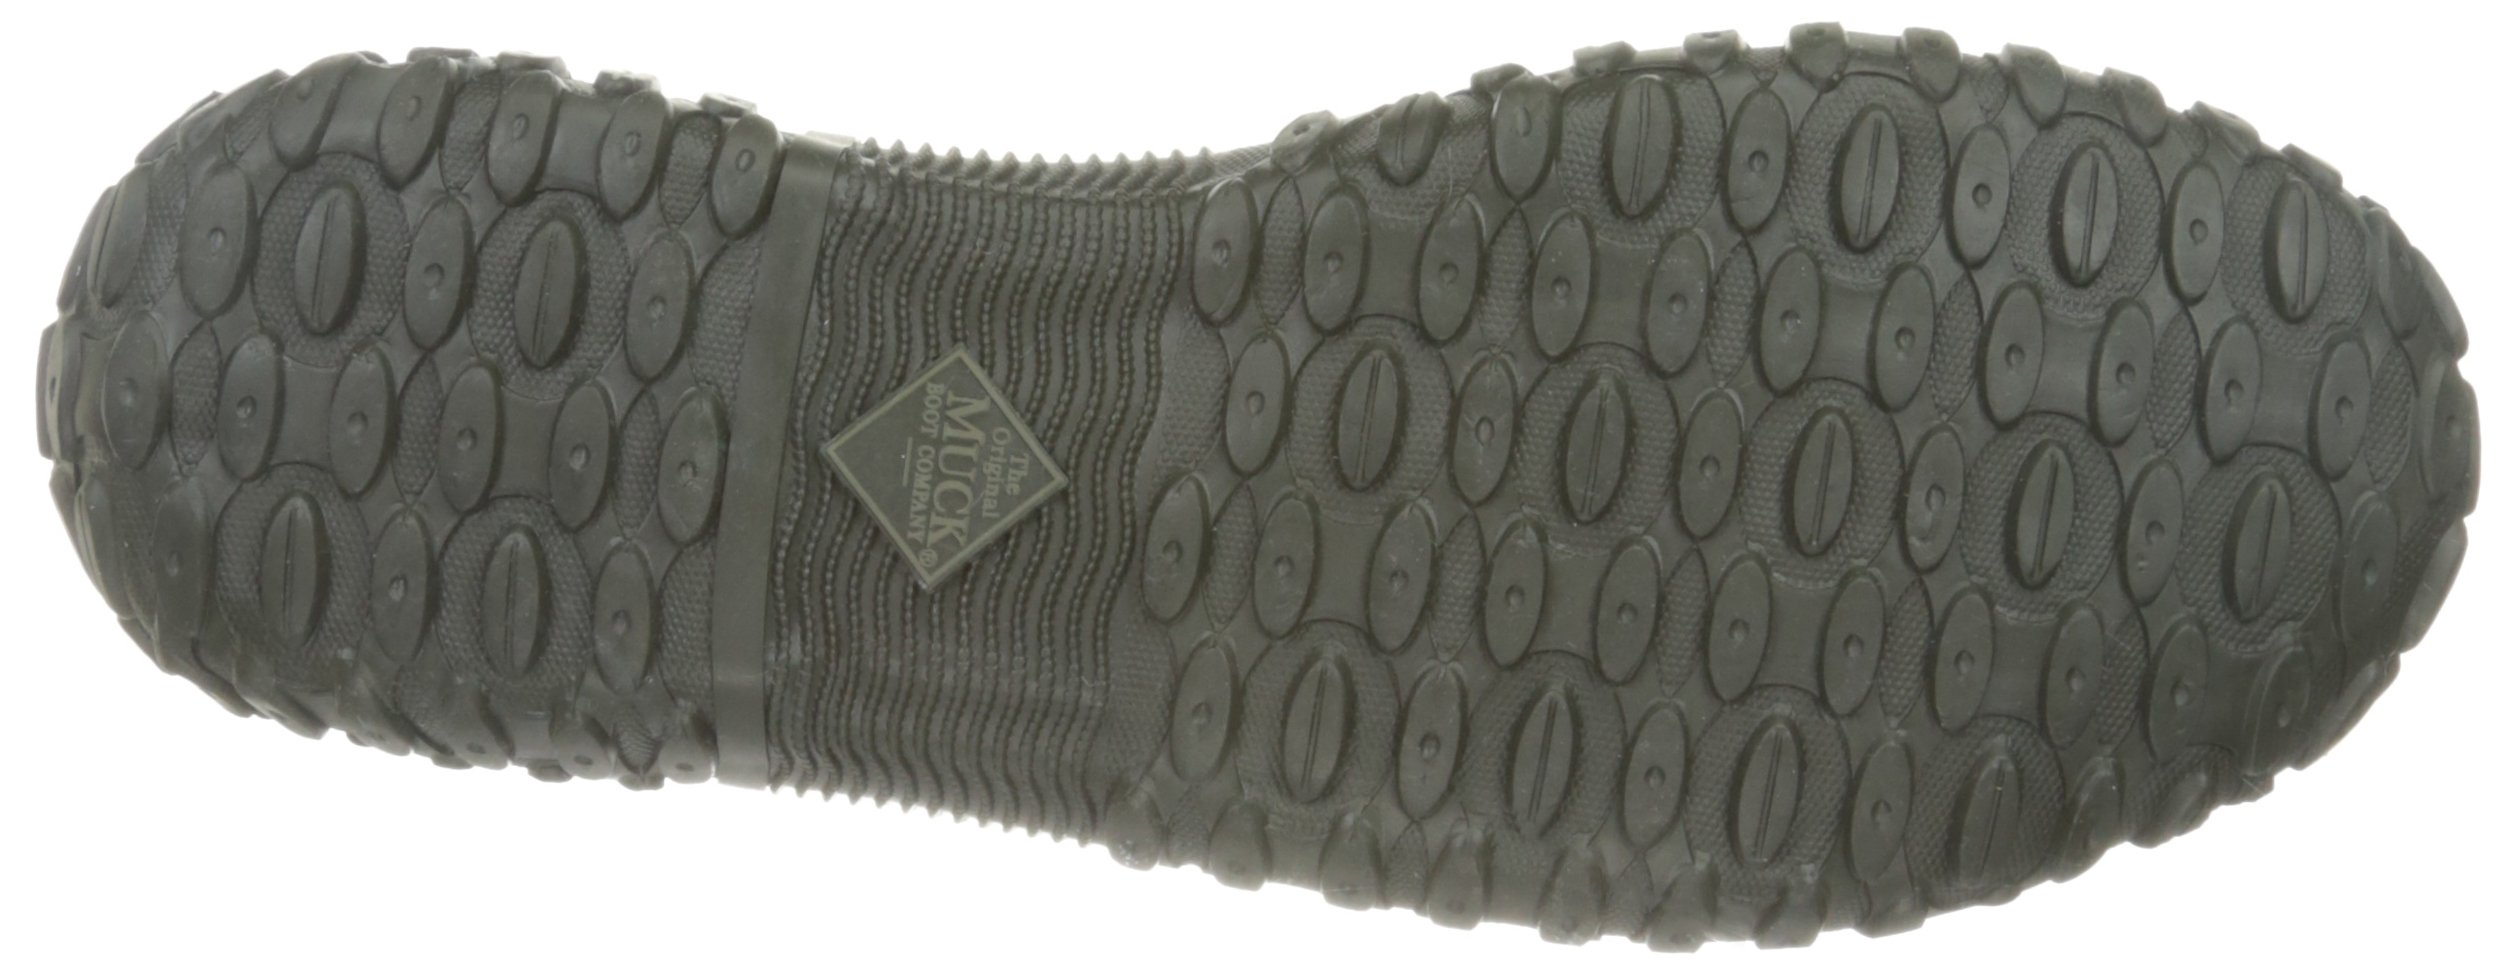 Muckster ll Men's Rubber Garden Shoes,Moss/Green,7 US/7-7.5 M US by Muck Boot (Image #3)